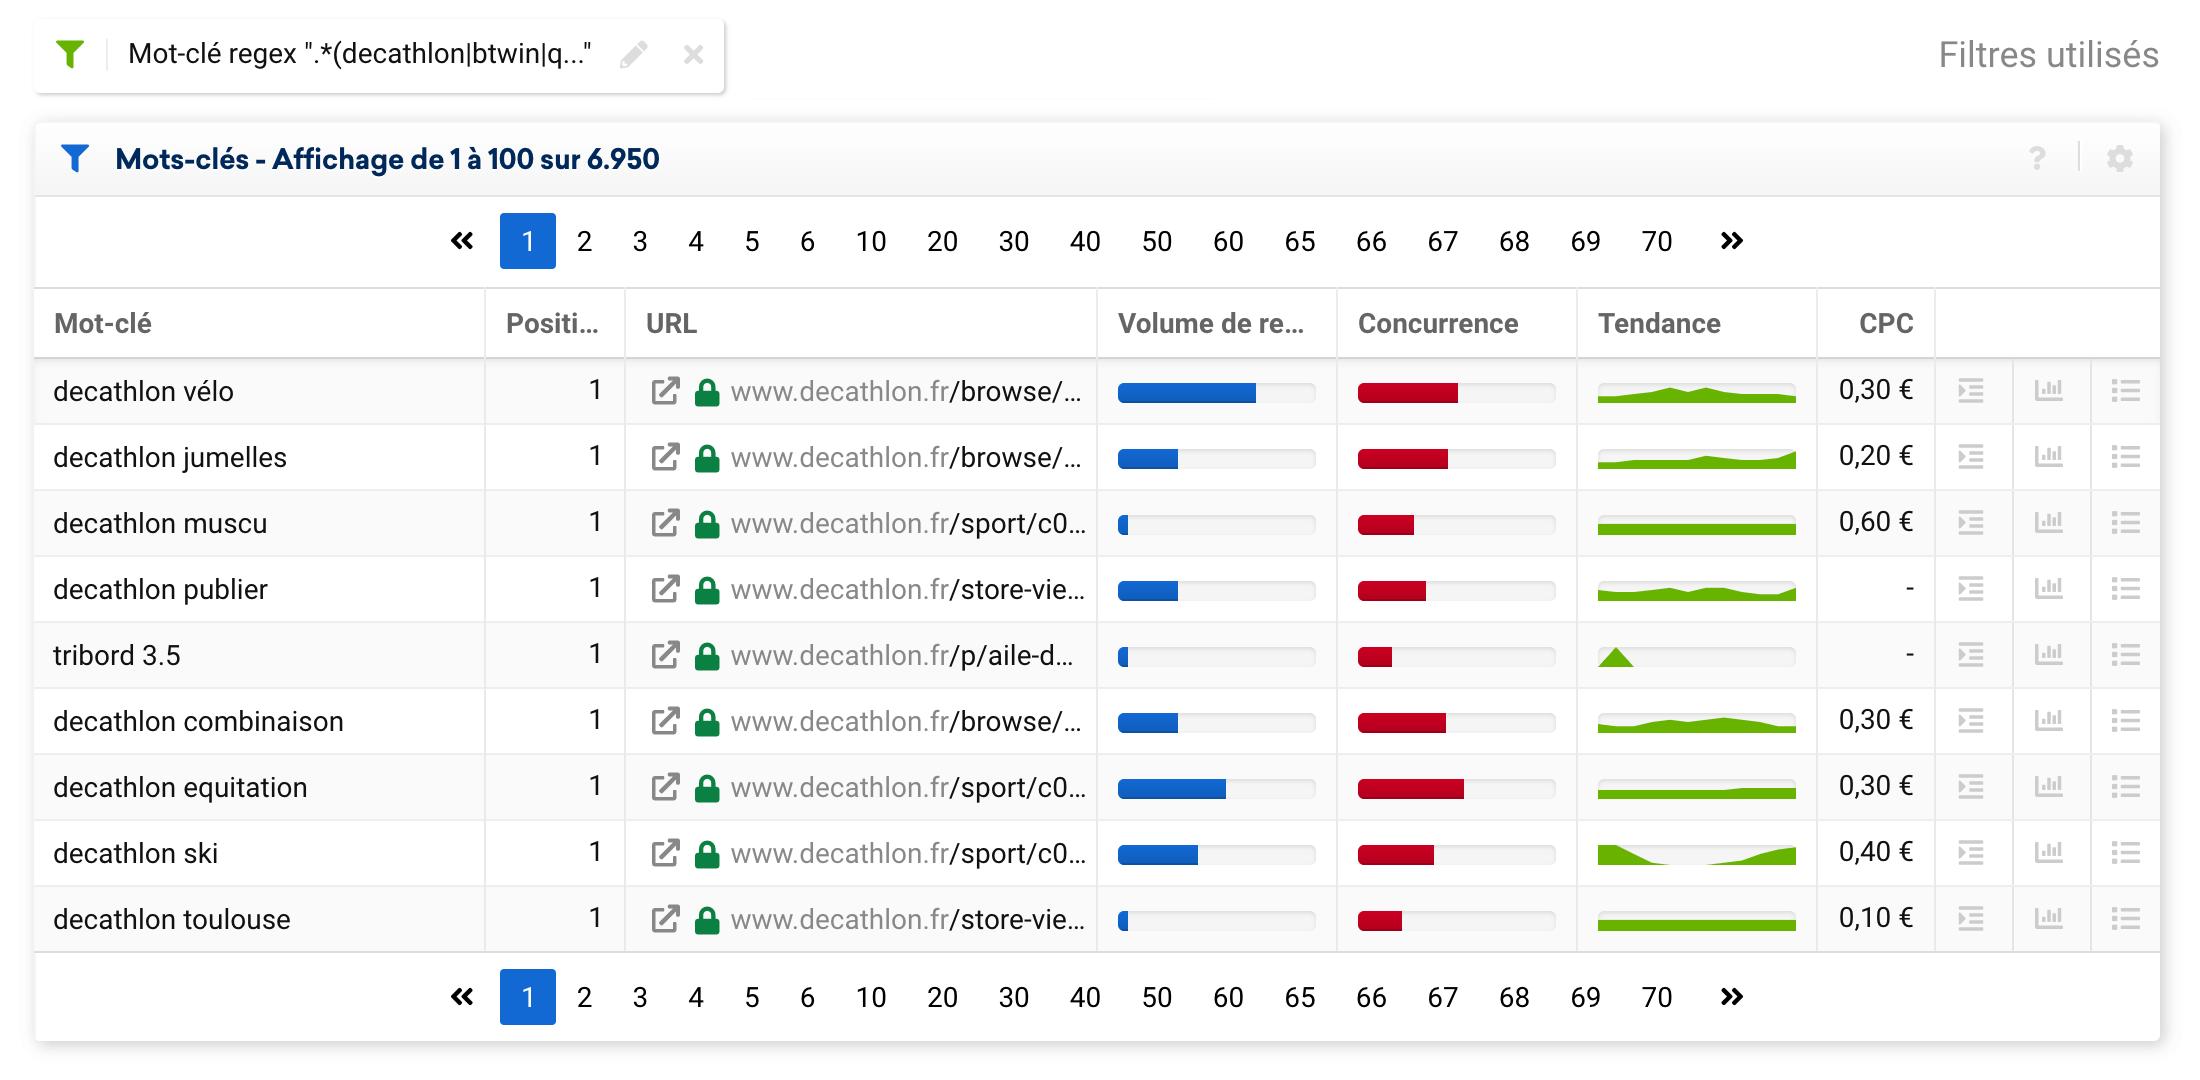 Résultats obtenus en appliquant la regex pour filtrer tous les mots-clés de marque